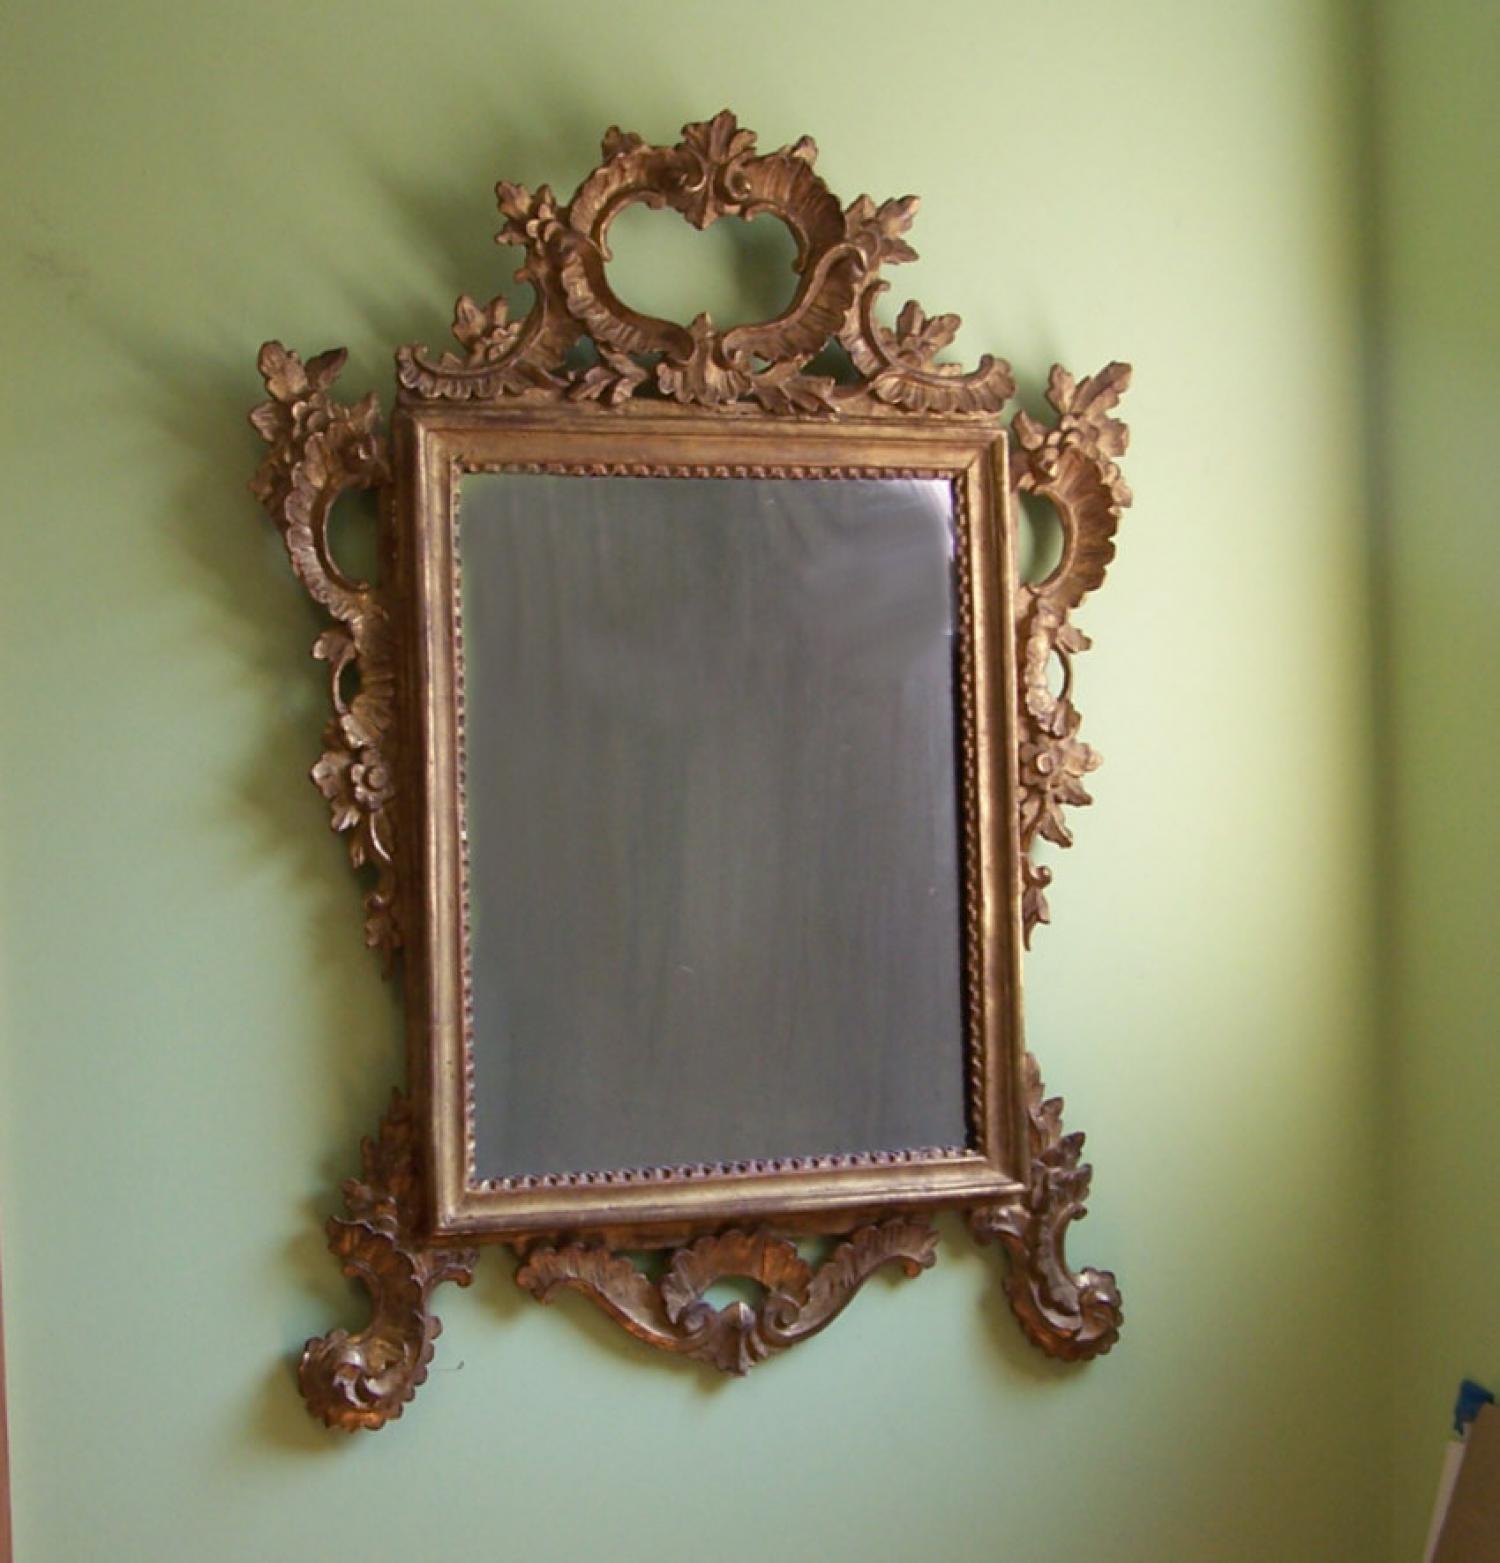 Continental gold leaf wall mirror c1800